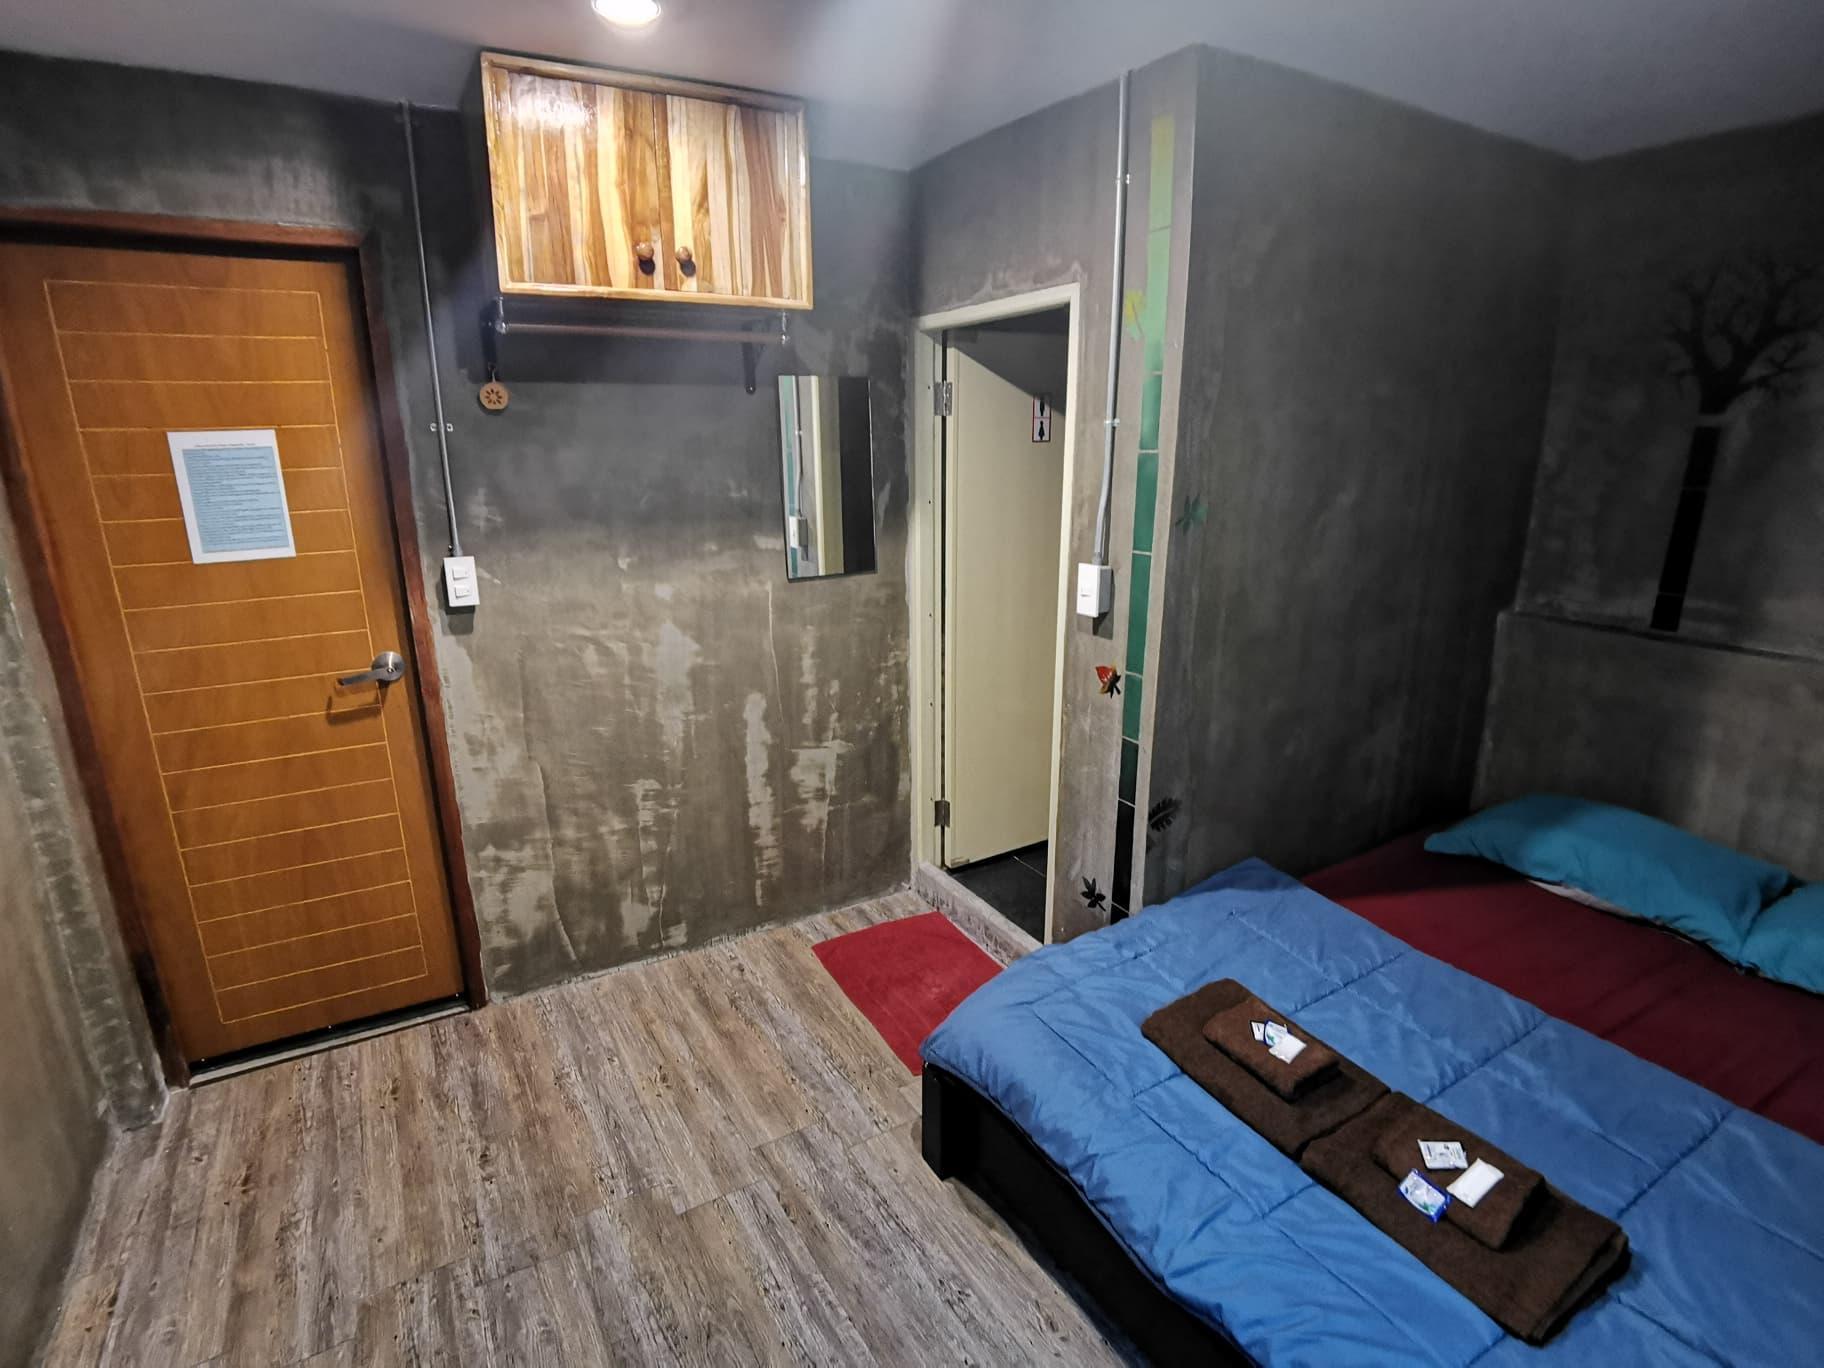 Baannut อพาร์ตเมนต์ 1 ห้องนอน 1 ห้องน้ำส่วนตัว ขนาด 15 ตร.ม. – สาทร